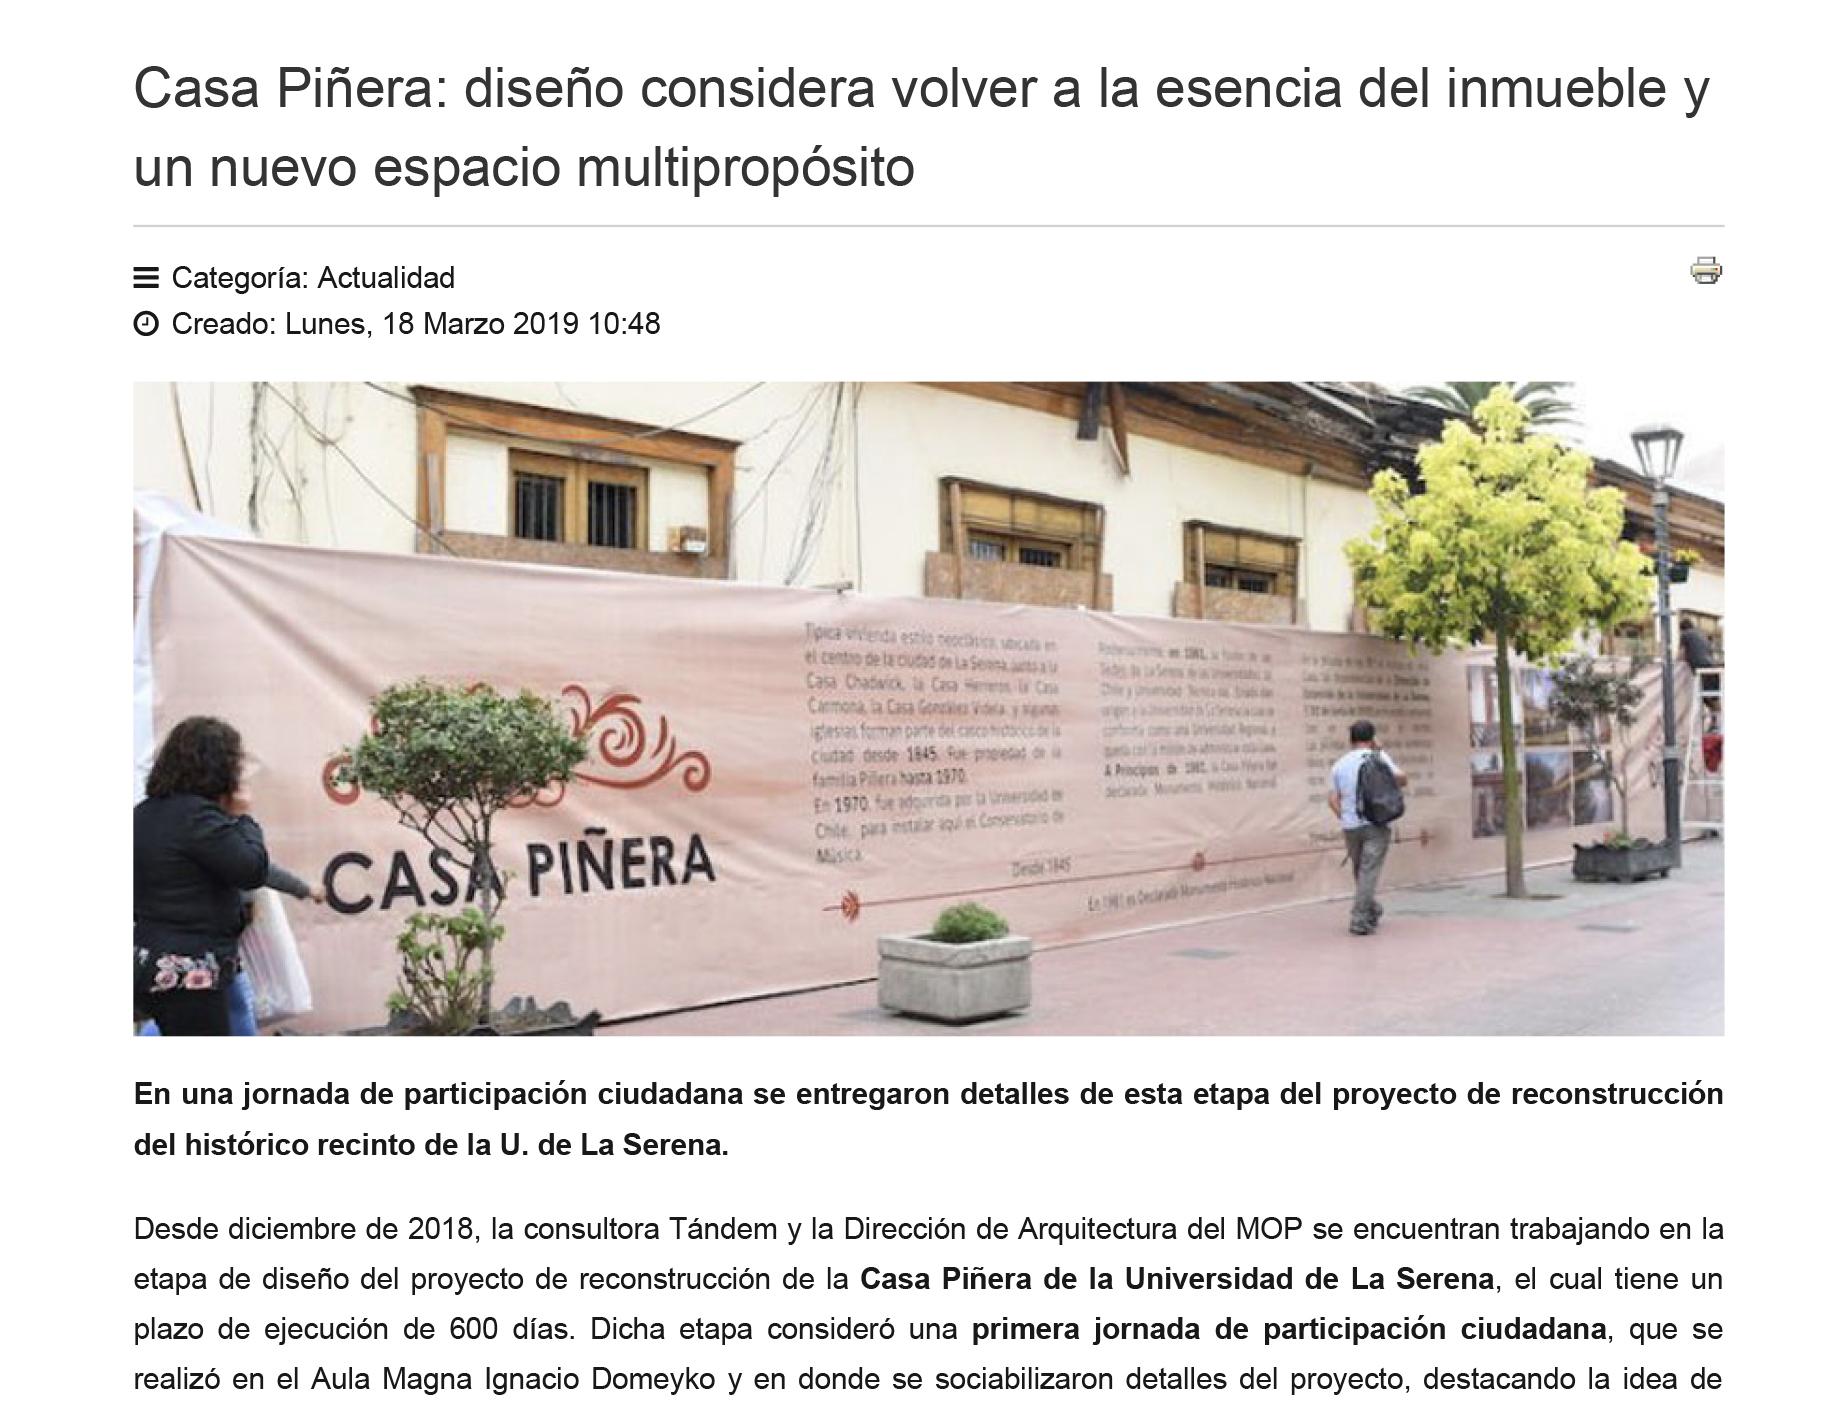 Casa Piñera: diseño considera volver a la esencia del inmueble y un nuevo espacio multipropósito